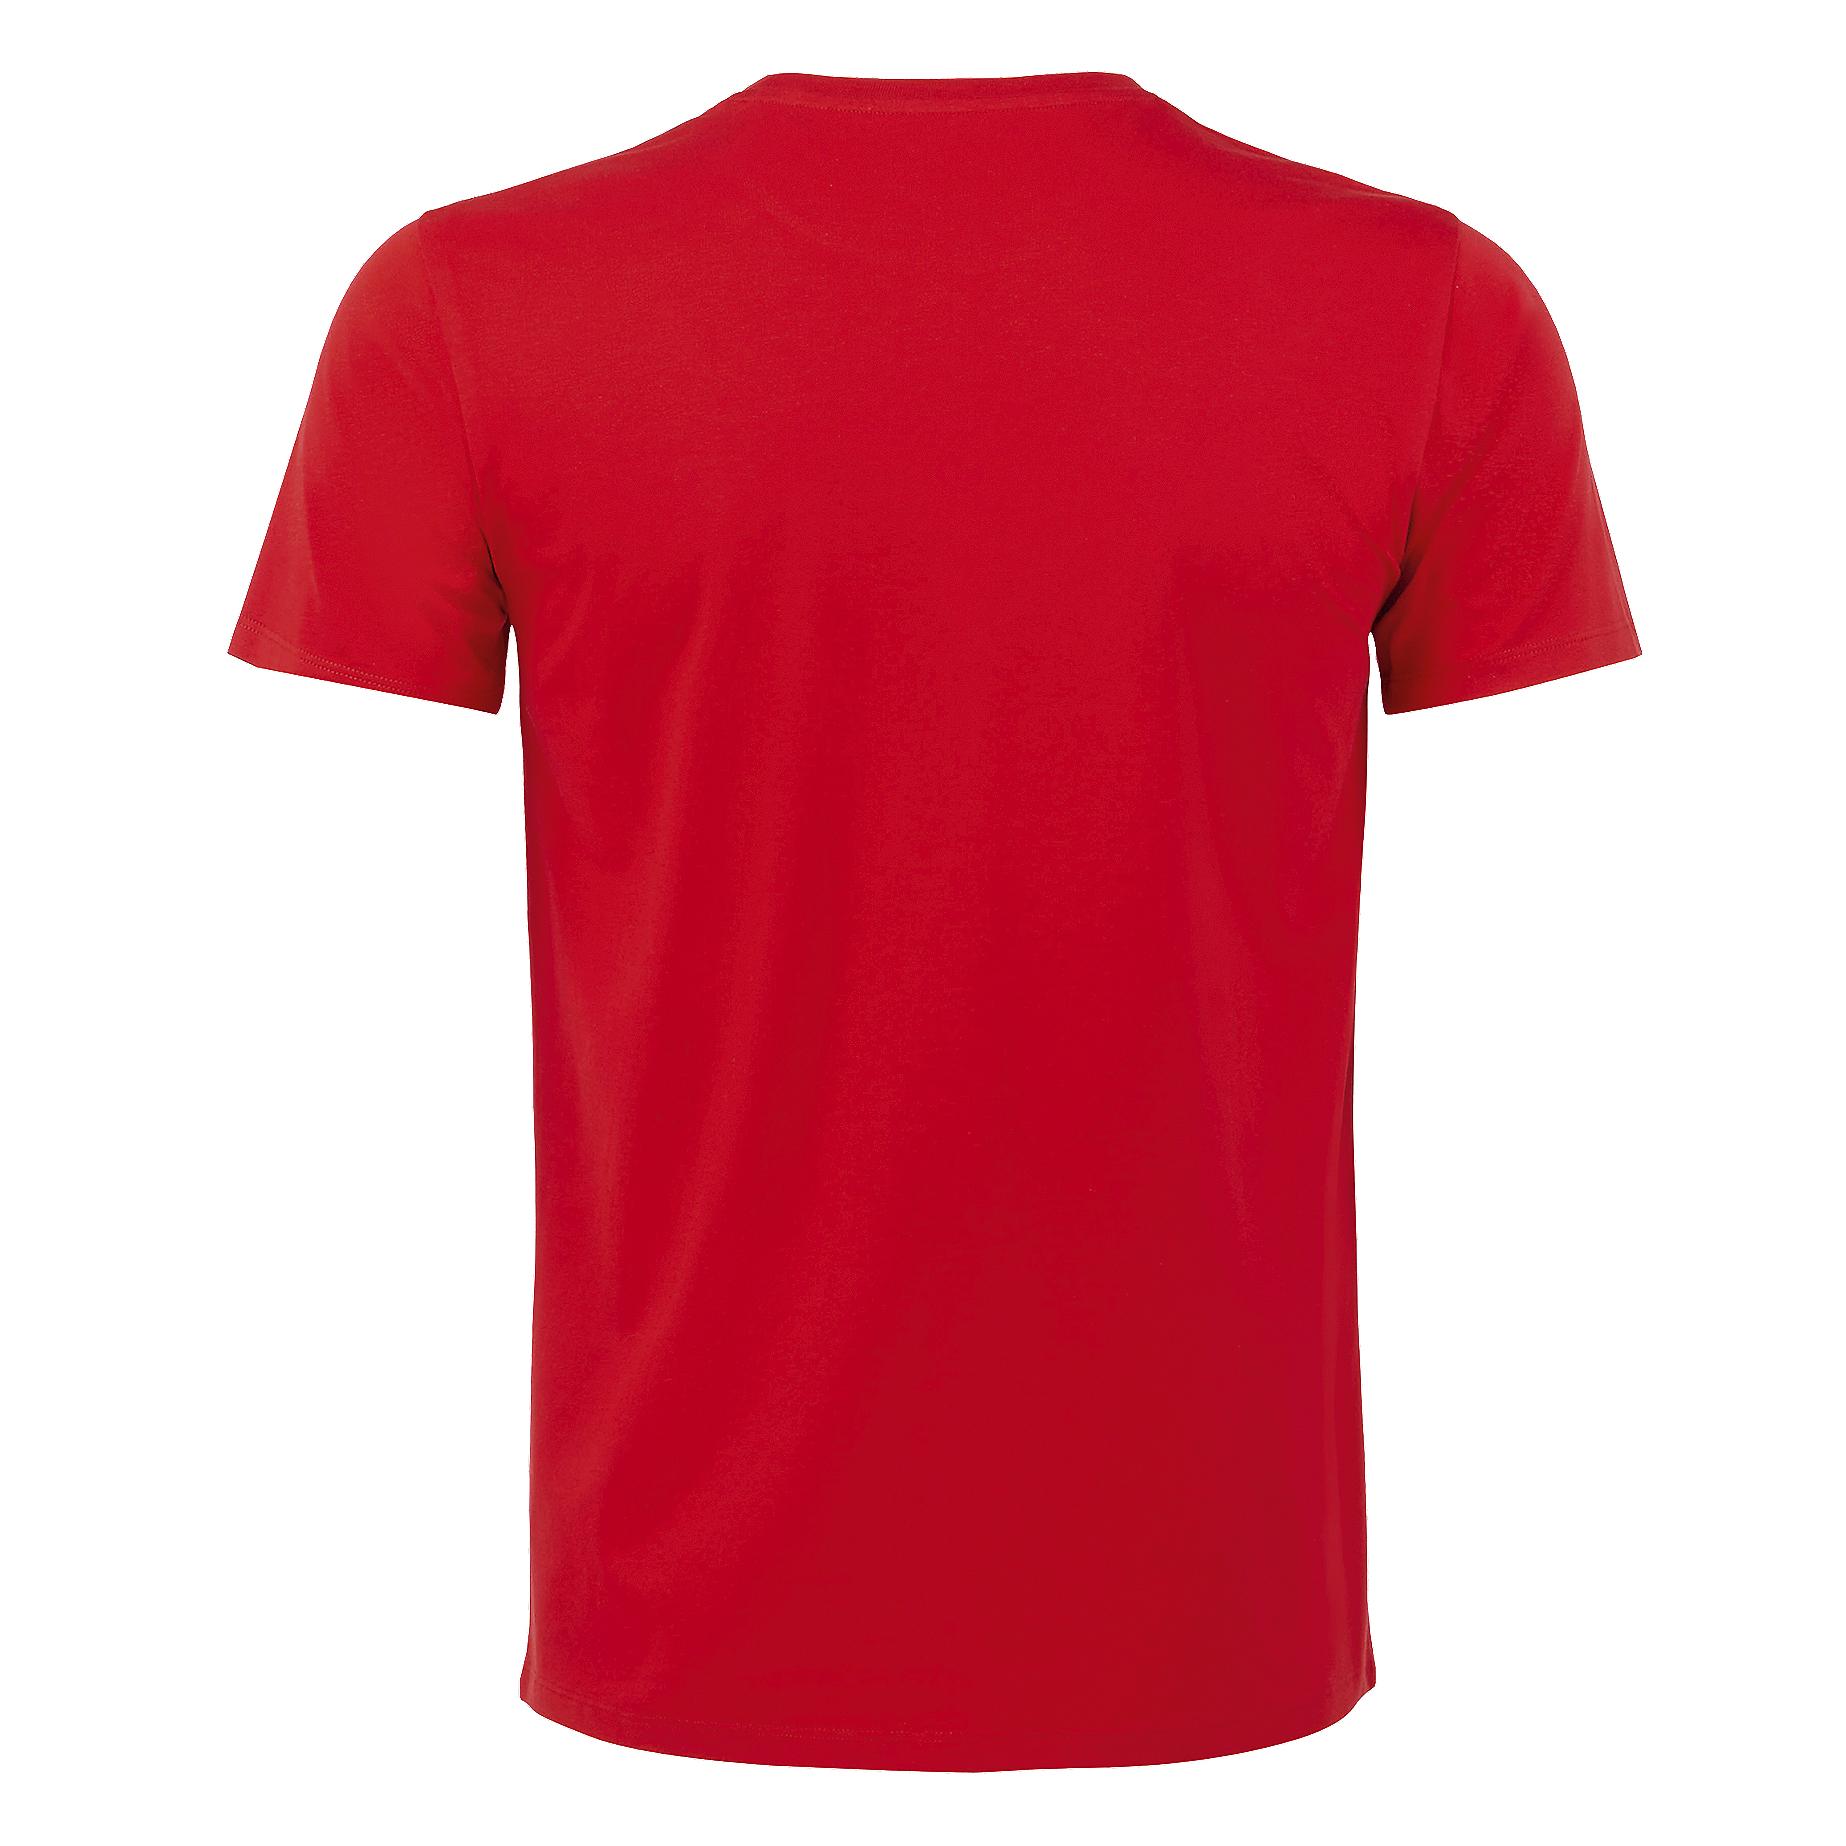 miniature 40 - SOLS - T-shirt manches courtes MARTIN - Homme (PC4084)